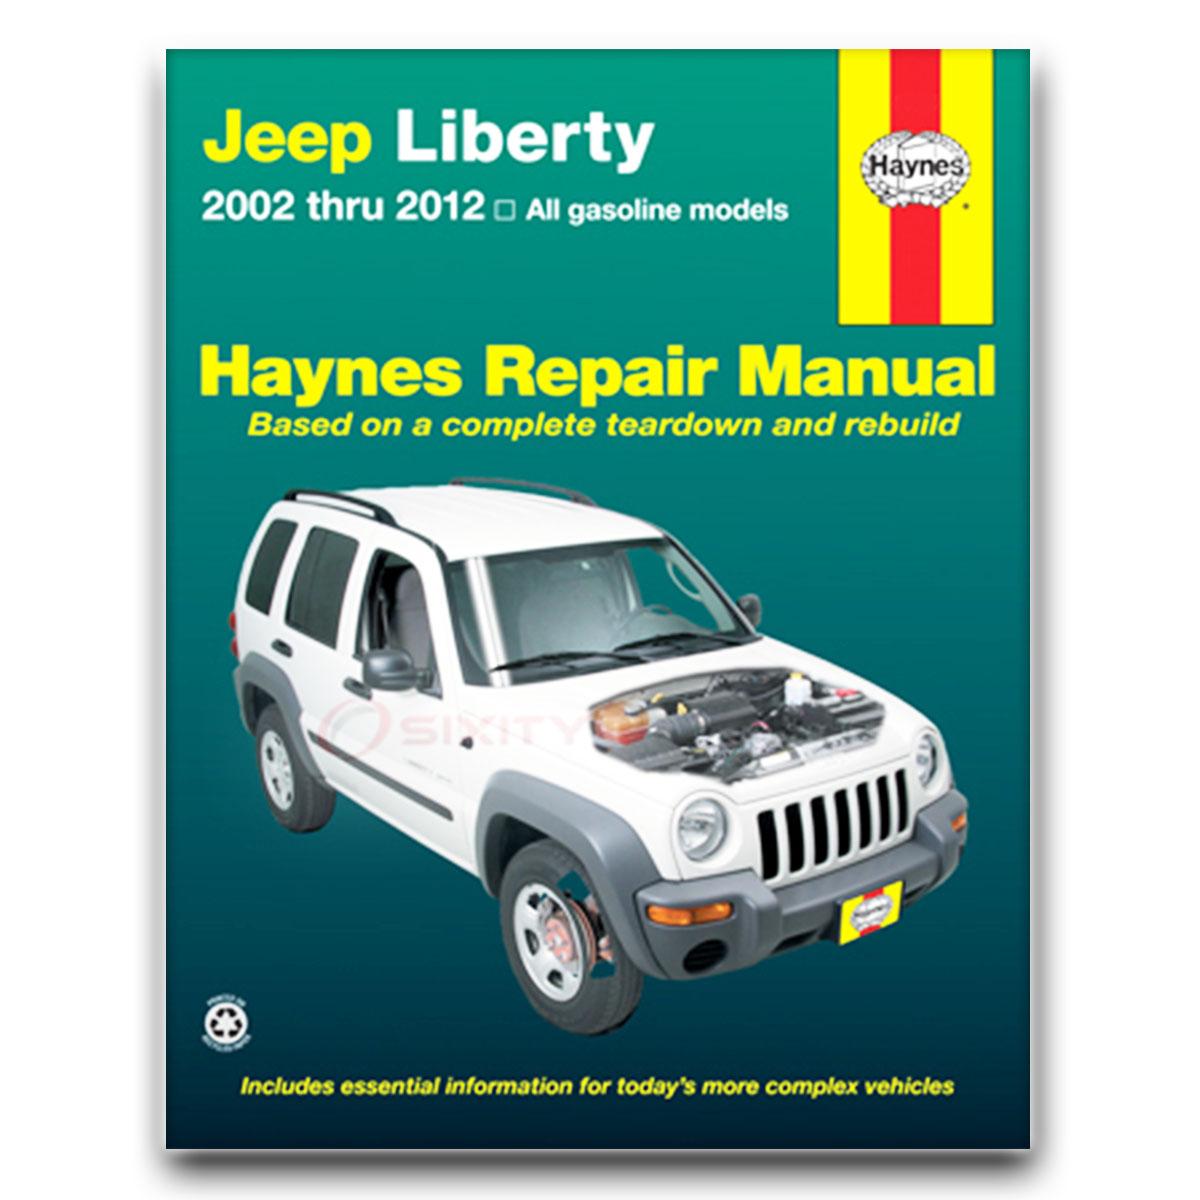 jeep liberty haynes repair manual renegade sport 65th anniversary rh ebay com haynes repair manual jeep grand cherokee pdf haynes repair manual jeep grand cherokee 1993 thru 2004